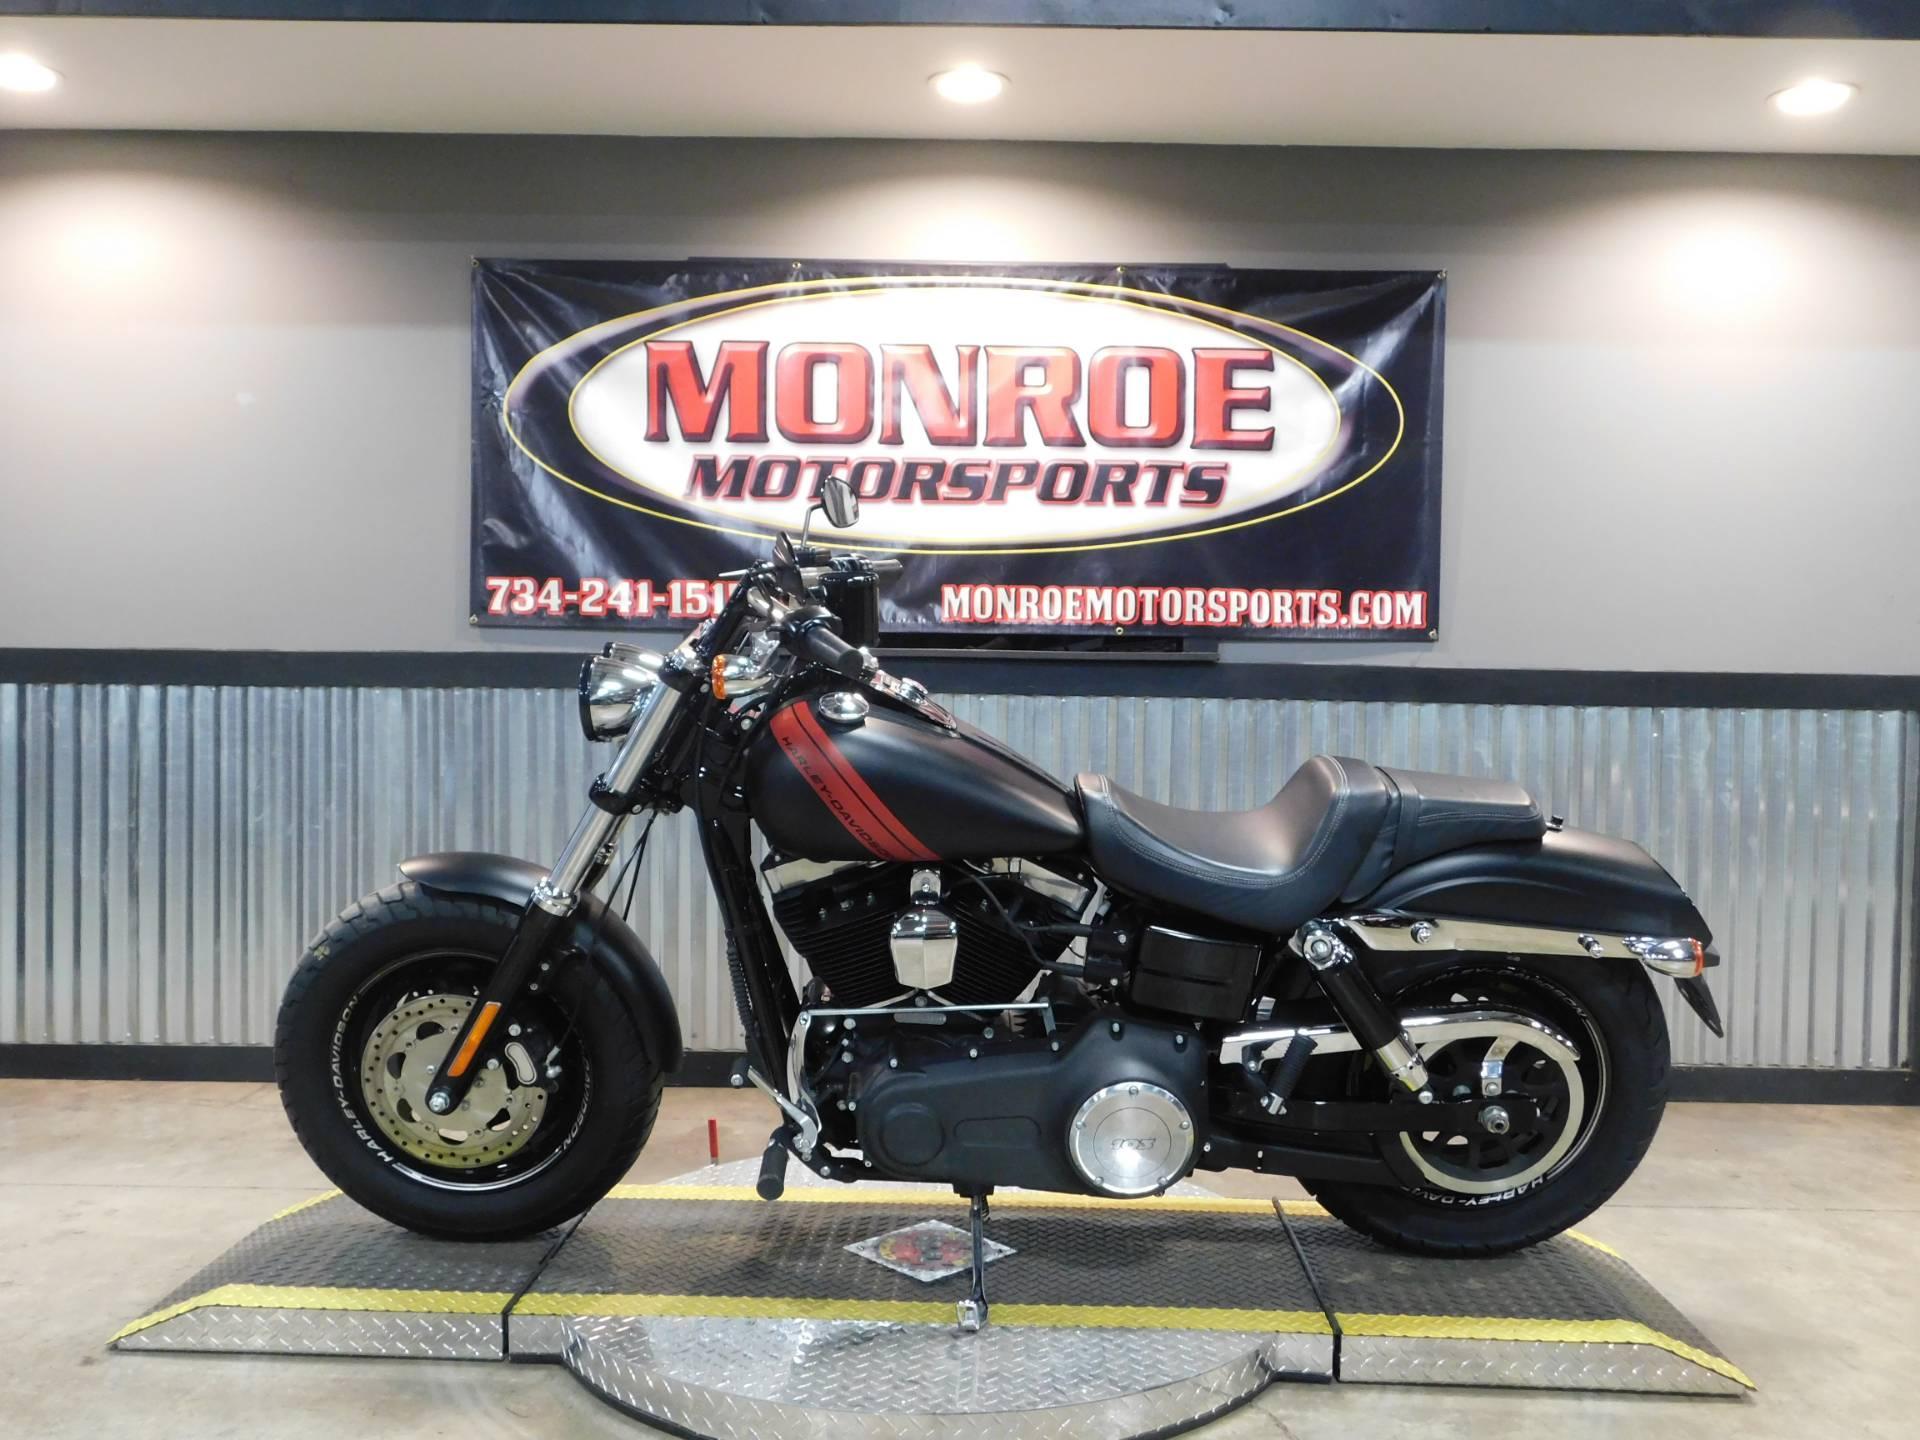 2016 Harley Davidson Fat Bob In Monroe Michigan